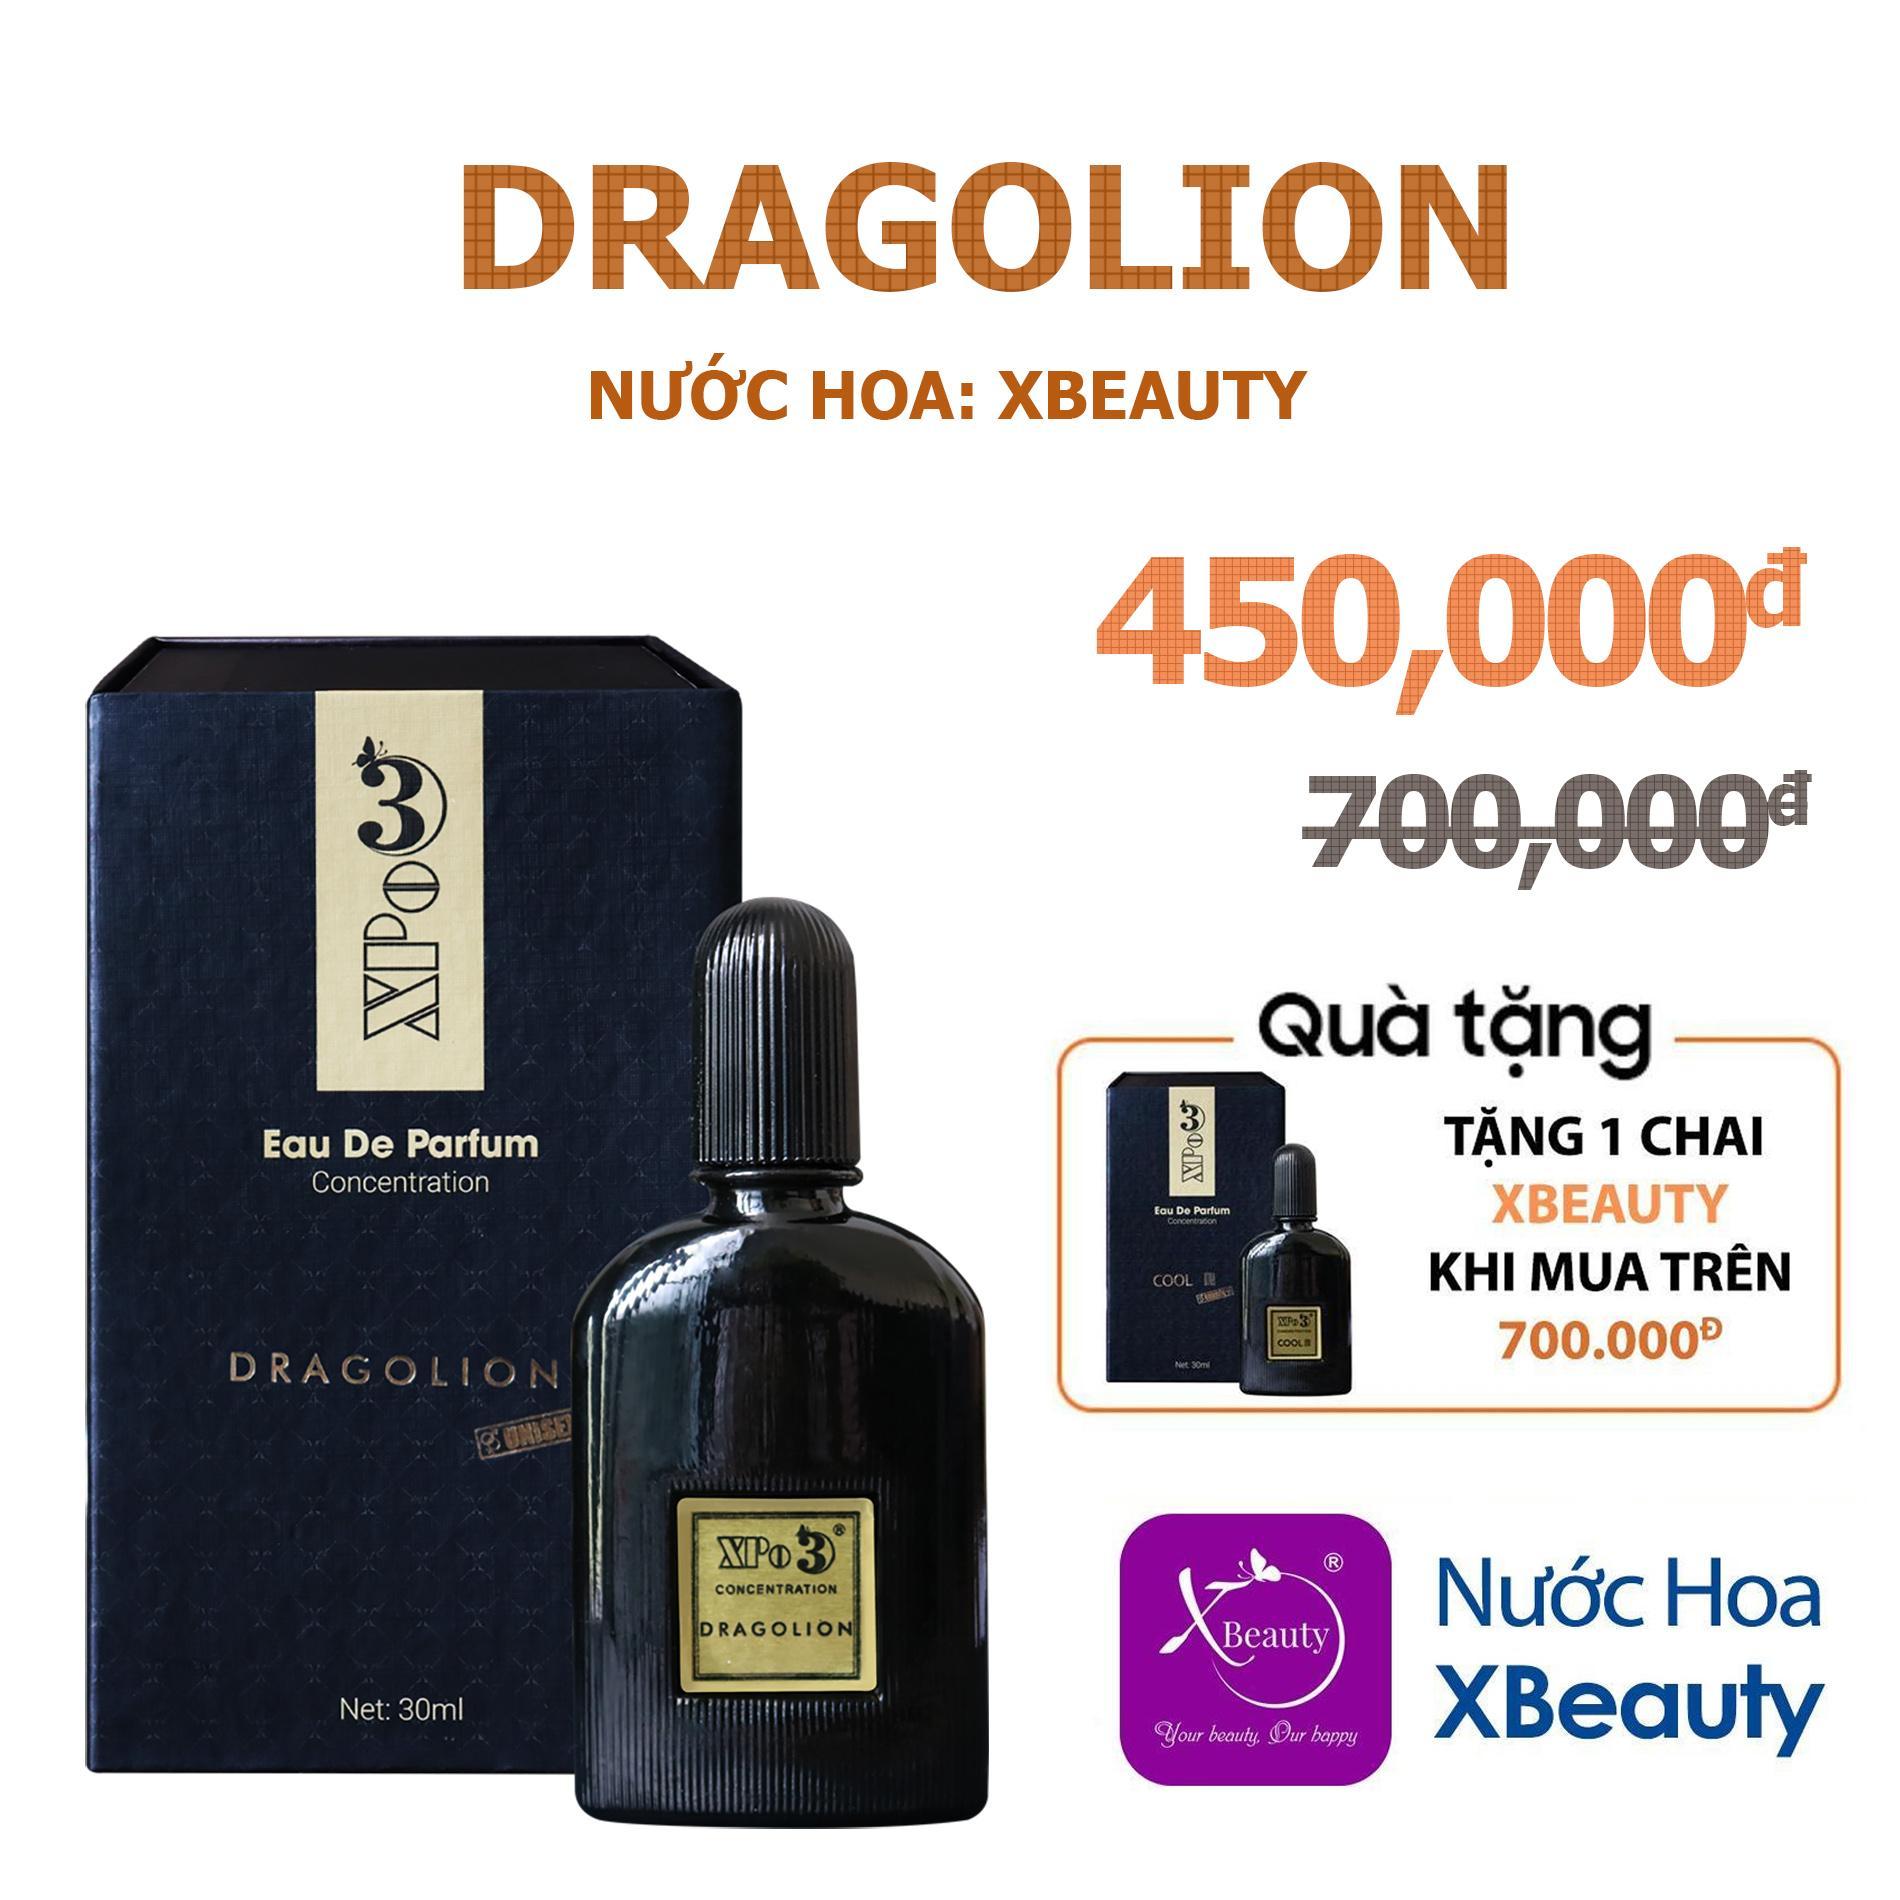 Nước hoa Nam Nữ XBeauty XPo3 Dragolion 30ml (GTIN: 8938511722093). Nước hoa cô đặc thơm lâu dành cho cả Nam & Nữ (Unisex)